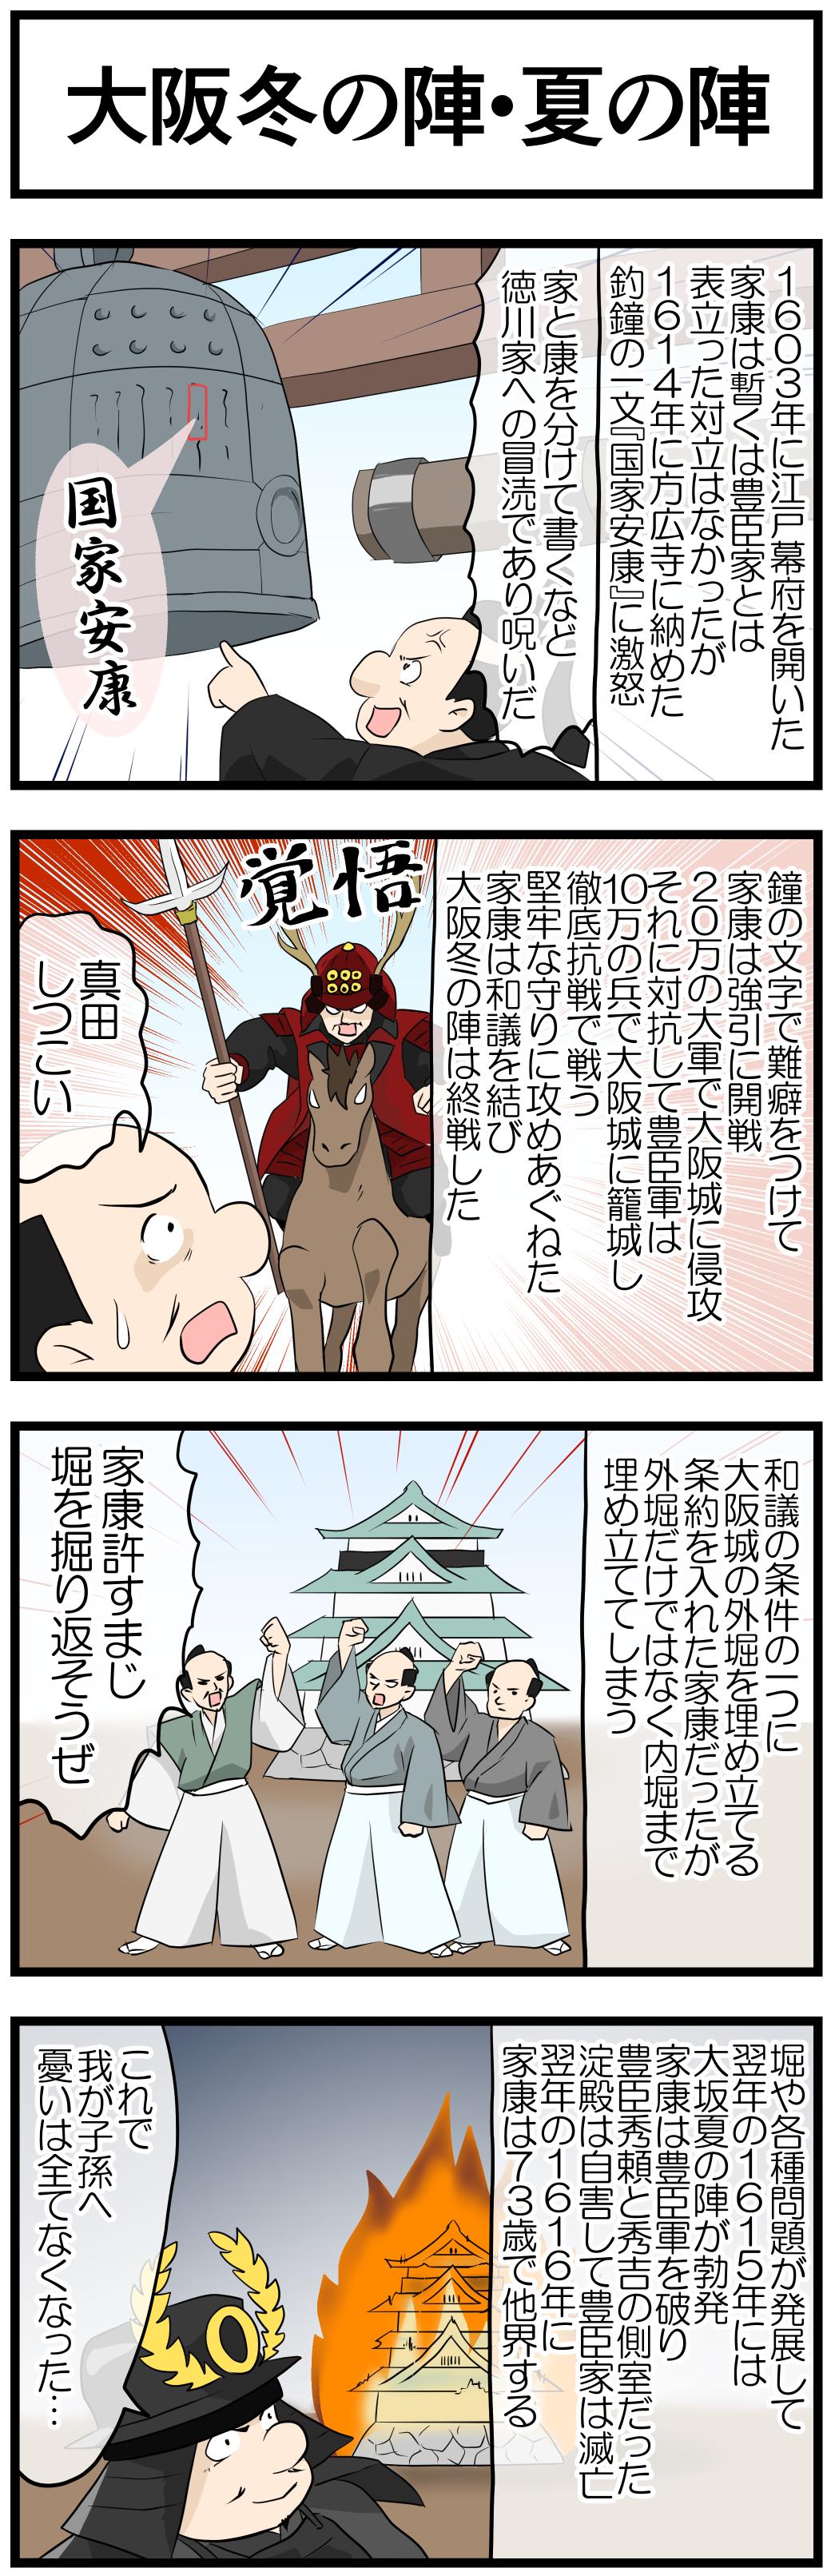 大阪冬の陣・夏の陣